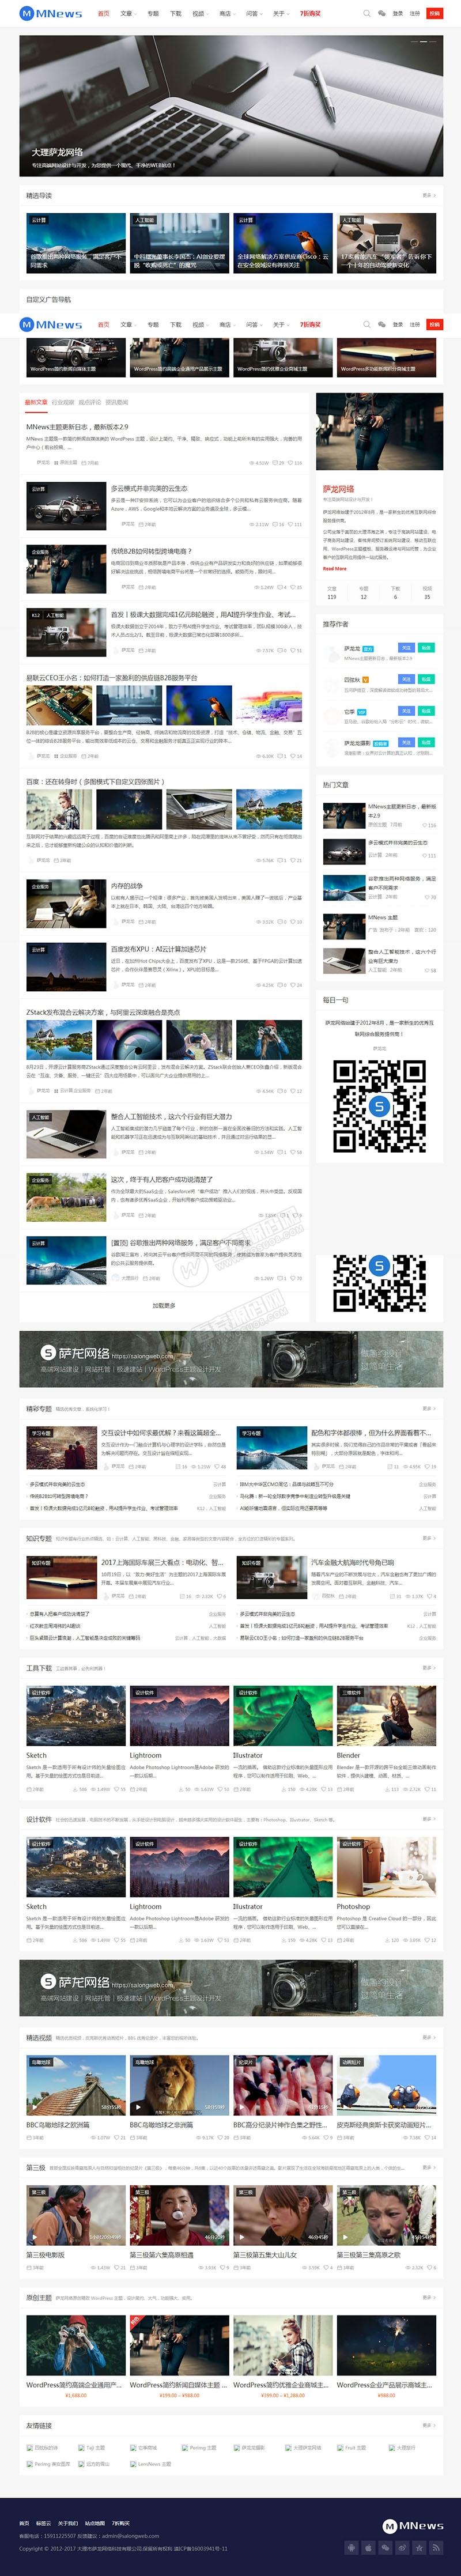 Screenshot 2019-11-25 15.55.32_r1_c1.jpg